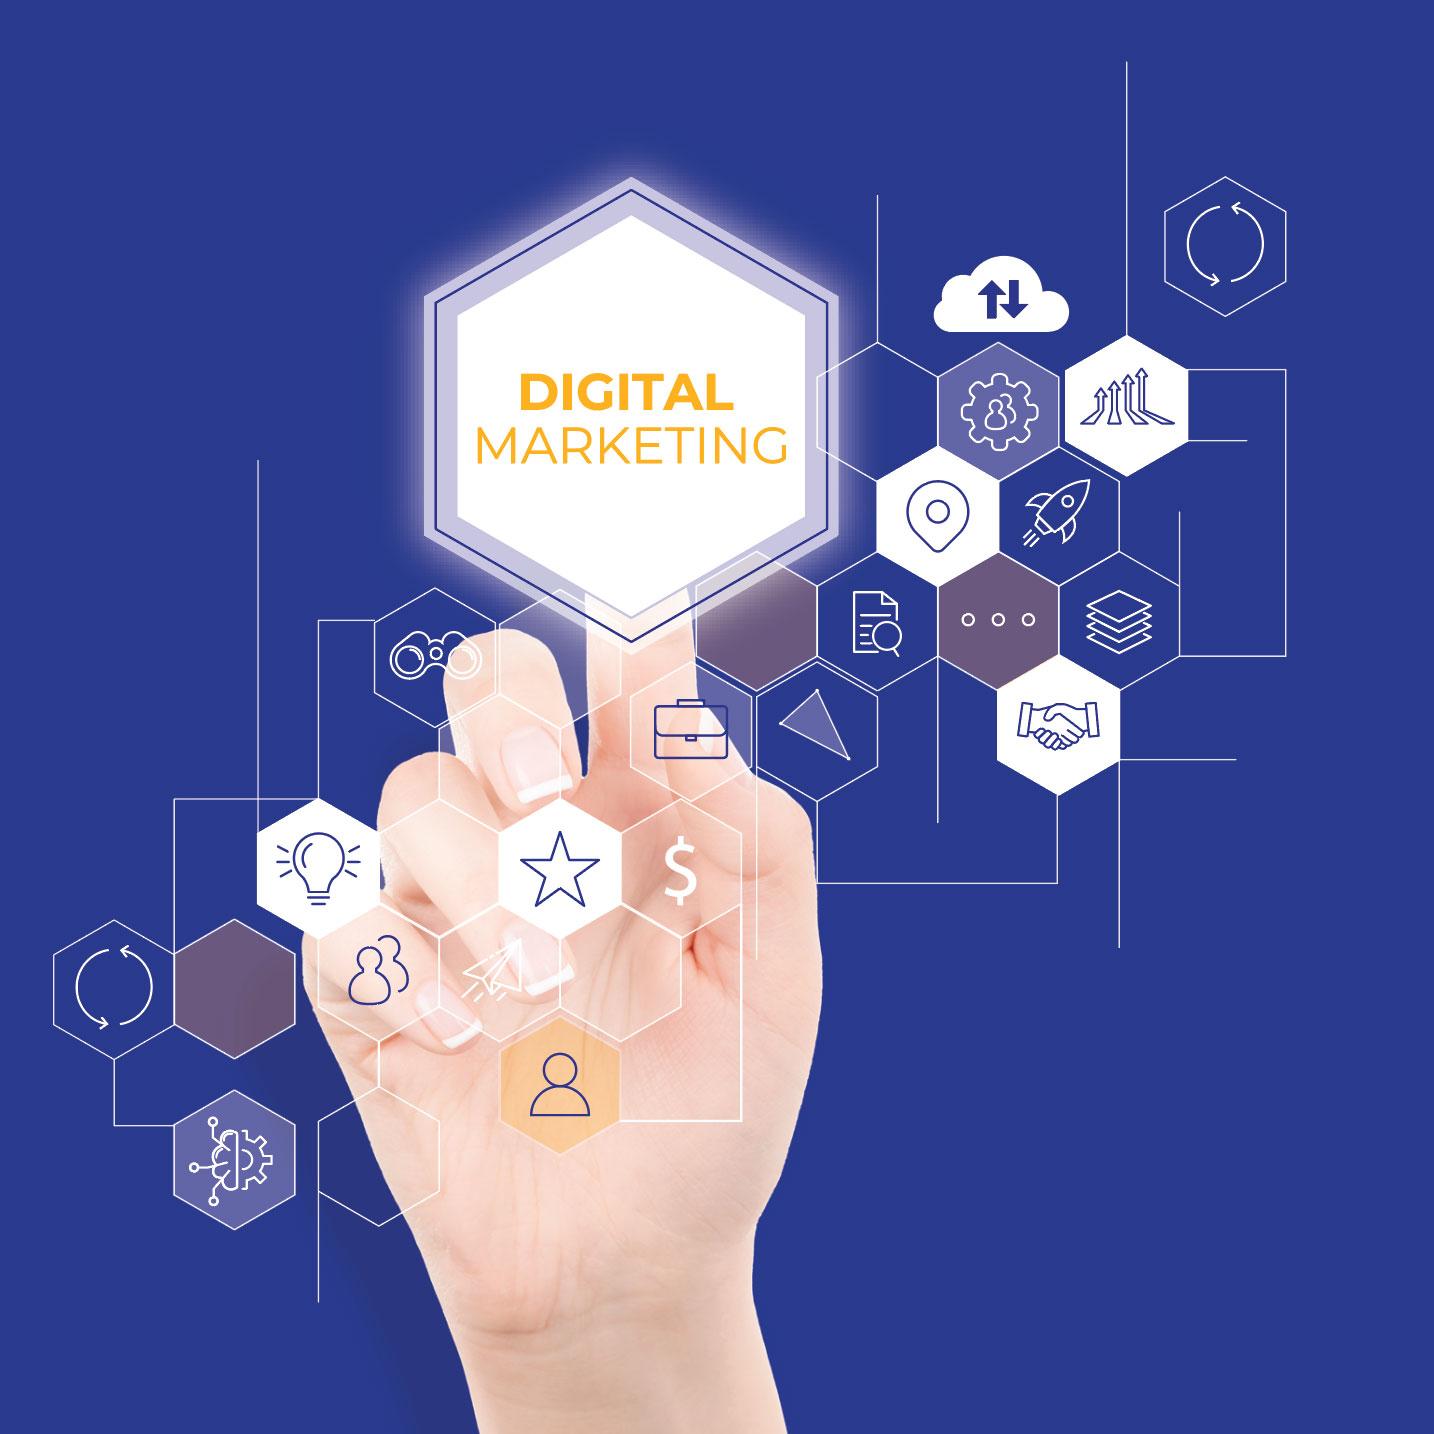 Chuyên viên <br> Full-stack Digital Marketing